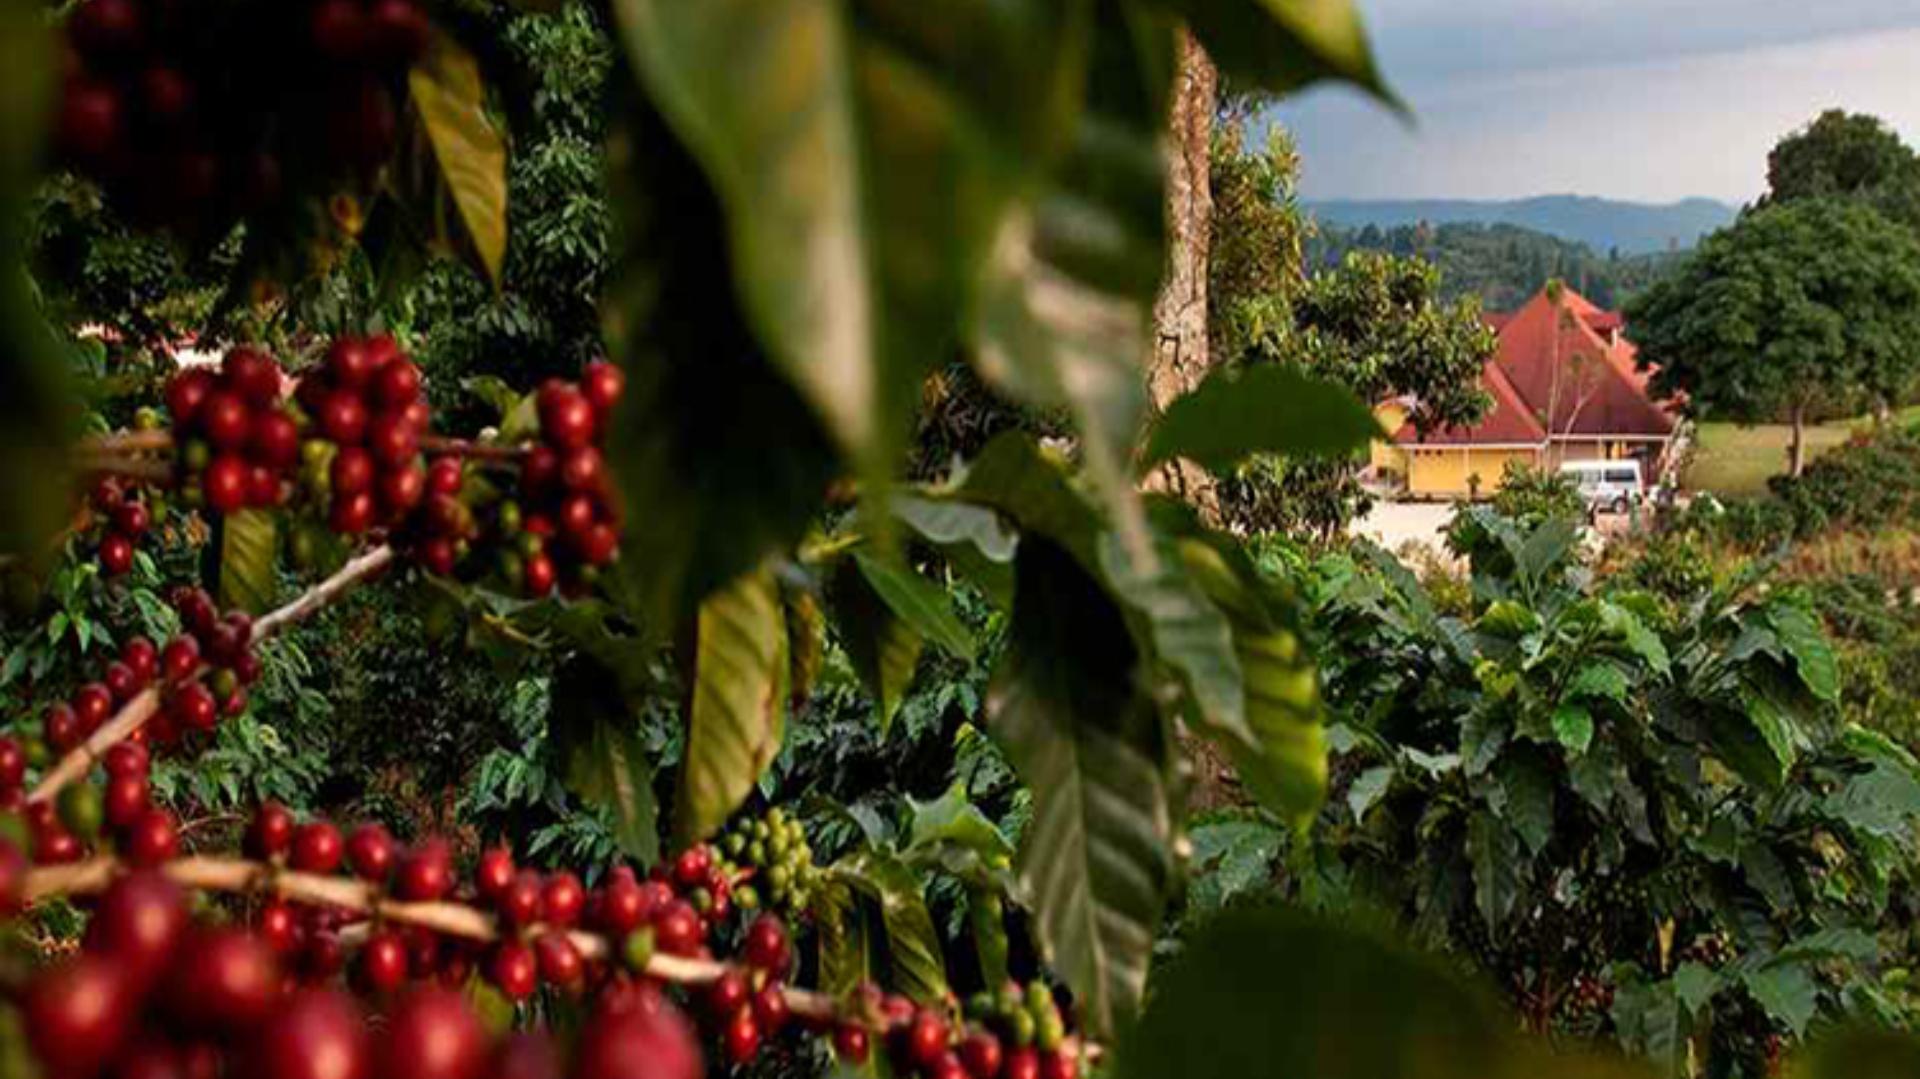 cafetales de Chiapas, lugar donde se origina uno de los mejores cafés